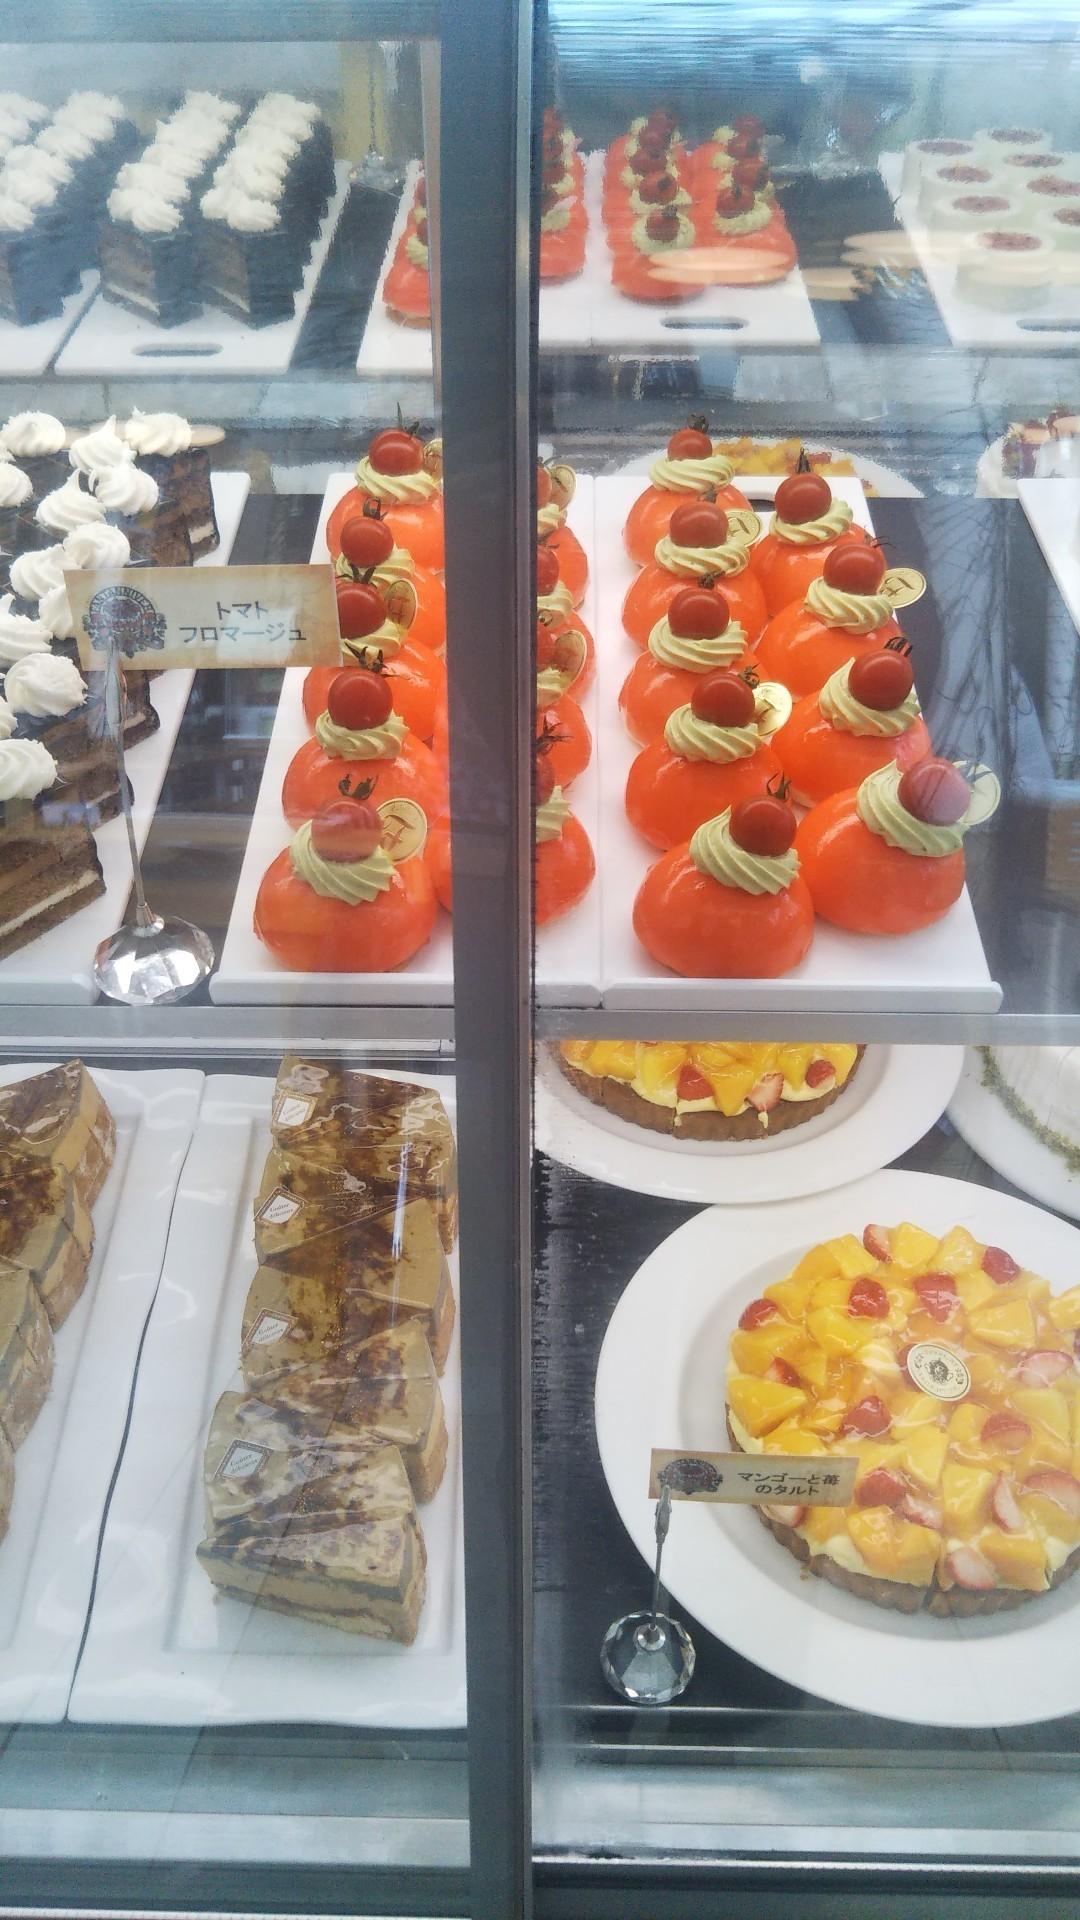 シャトレーゼ ガトーキングダムサッポロ ヴィーニュ Dessert Buffet~夏のべジスイーツフェア~_f0076001_23405580.jpg